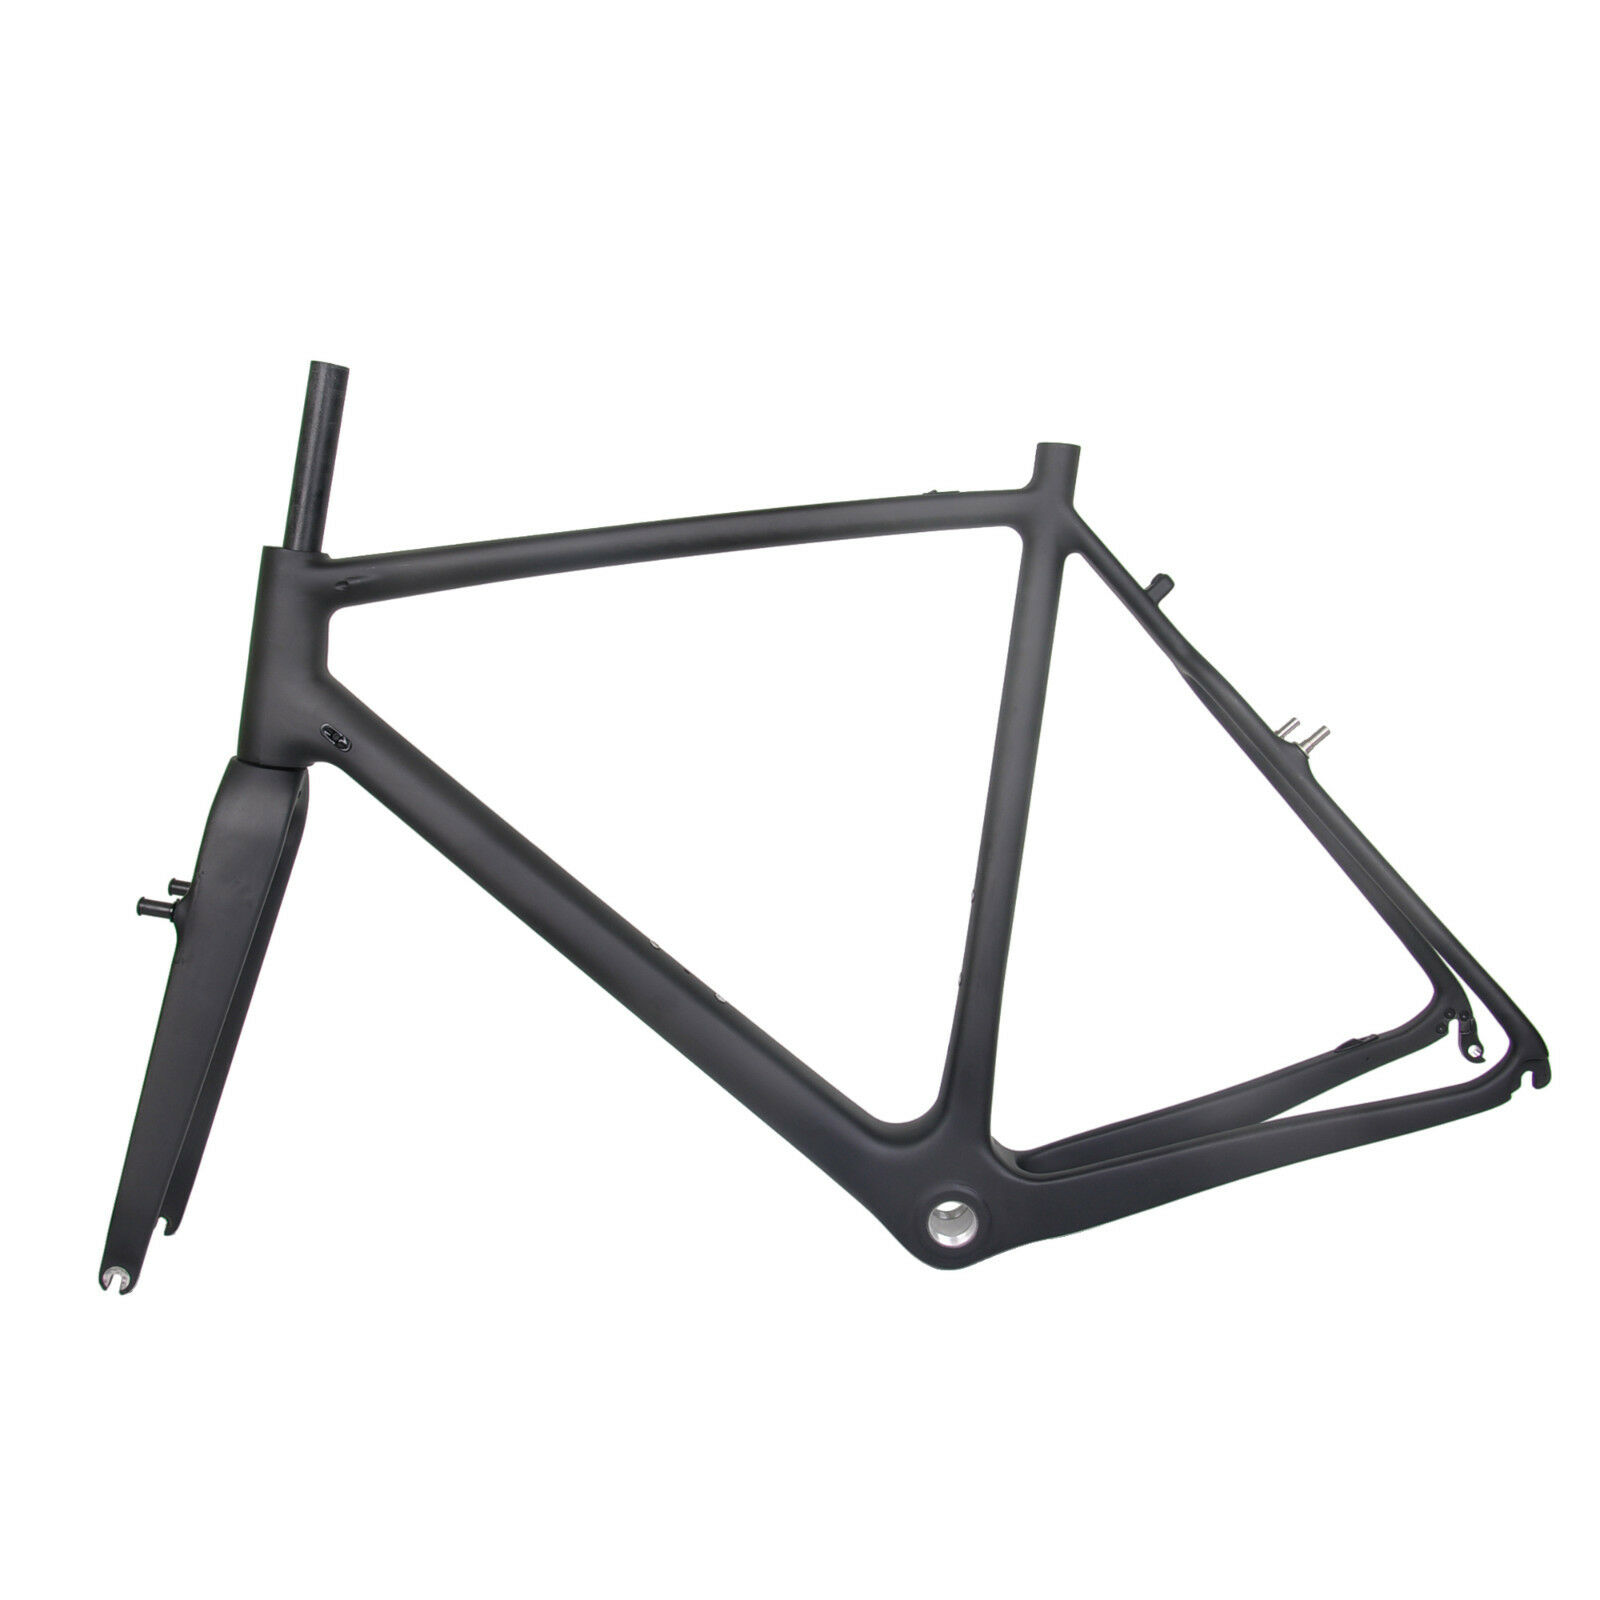 54cm Cyclocross Gravel Bike Carbon Frame Fork UD Matt Glossy Di2 V Brake BSA